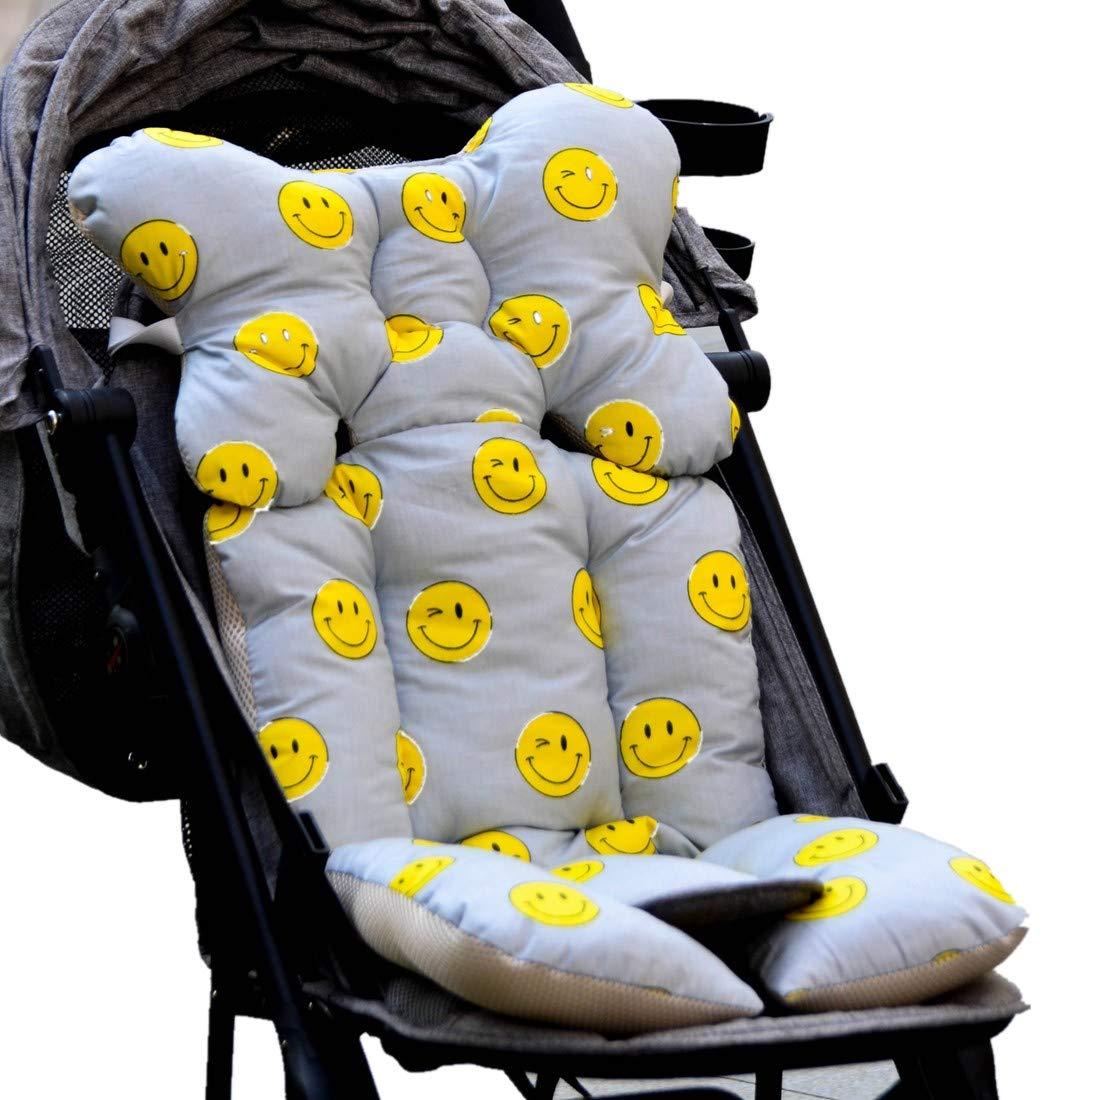 per tutte le stagioni per seggiolino auto passeggino /passeggino cuscino sostegno Baby cotone ultra morbido cuscino riduttore per passeggino Famyfirst bambini passeggino cuscino imbottitura/